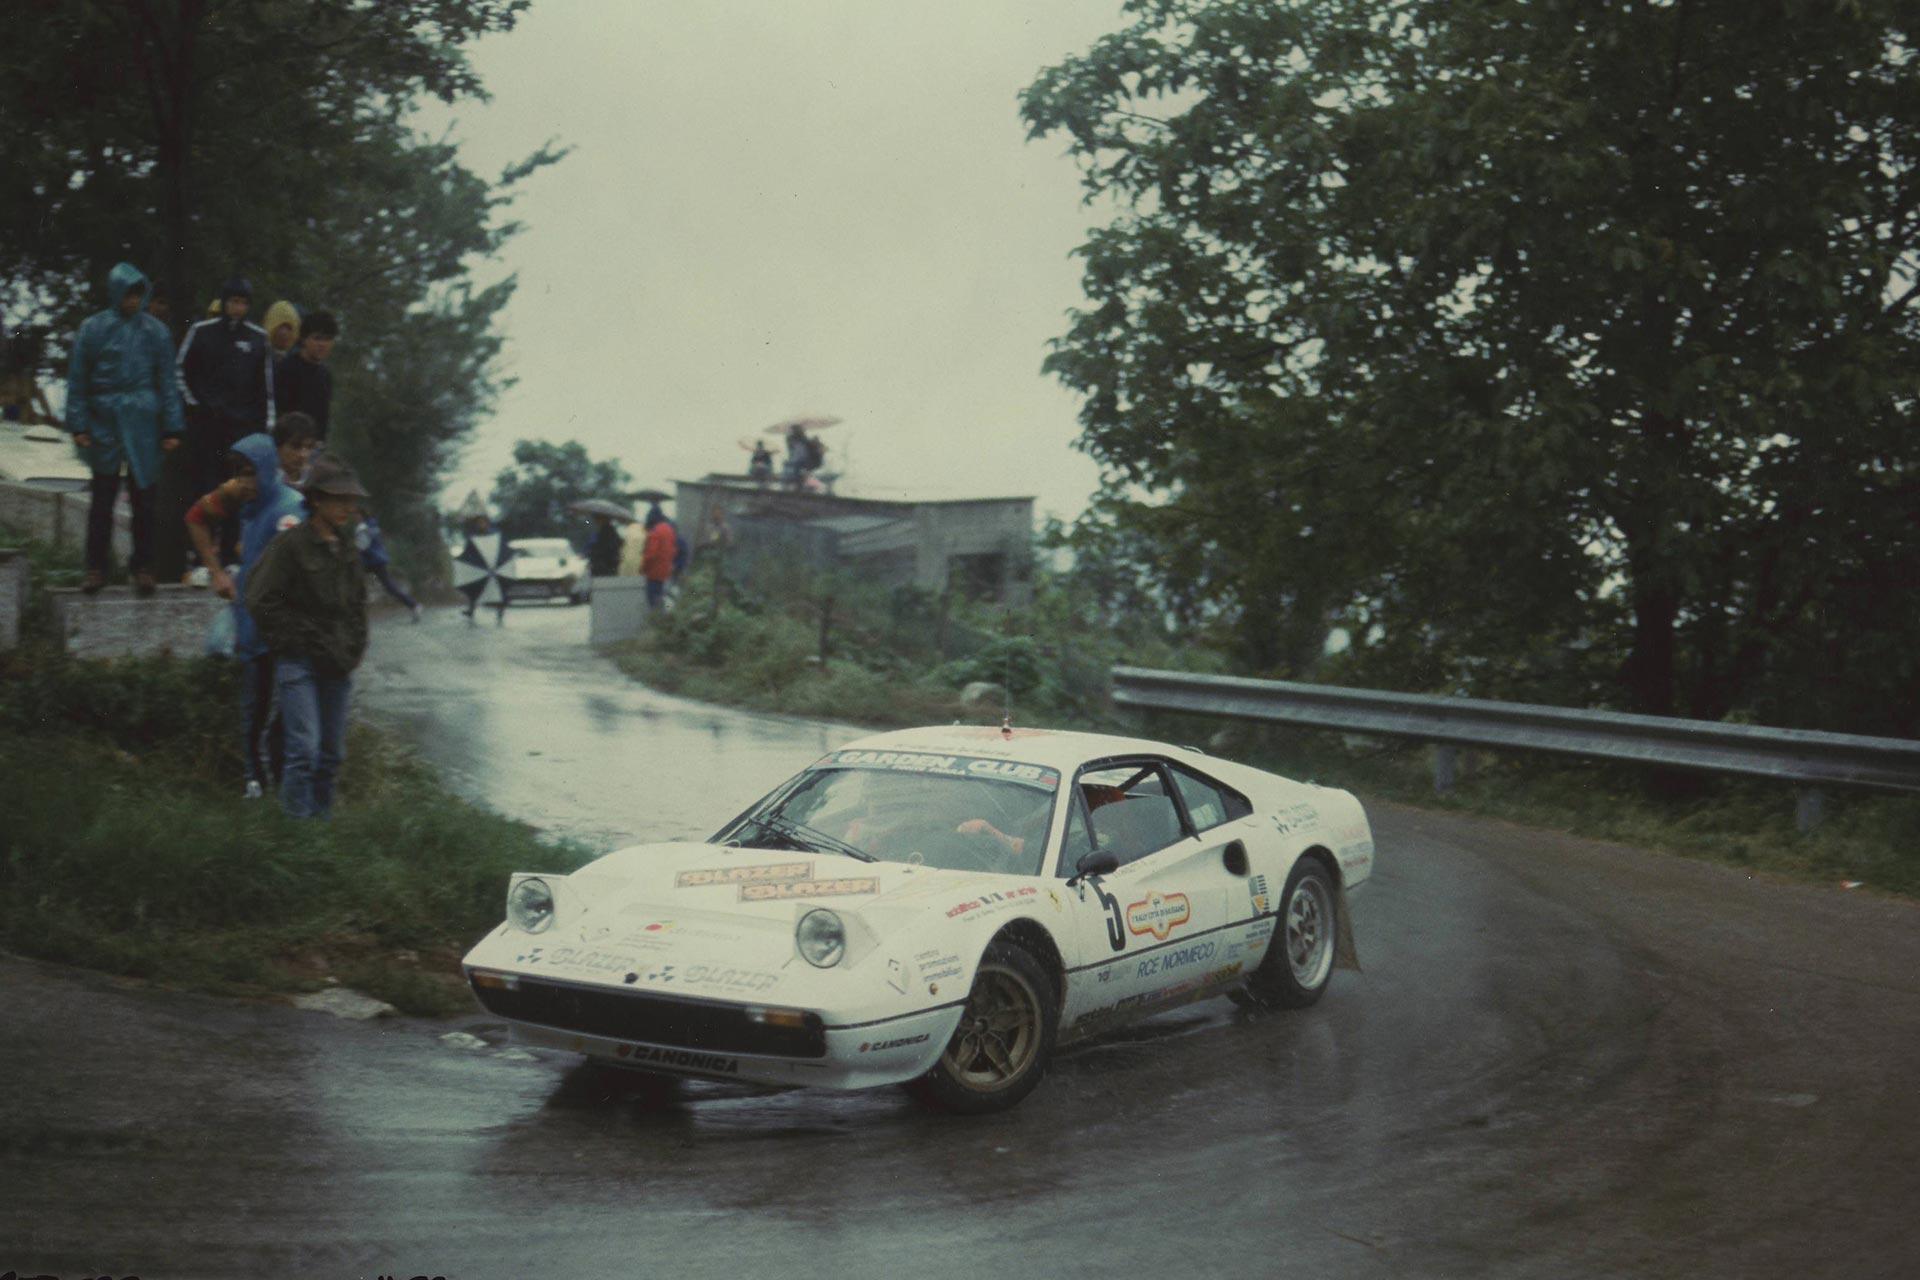 Ferrari-308-GTB-Michelotto-Group-B-for-sale-27